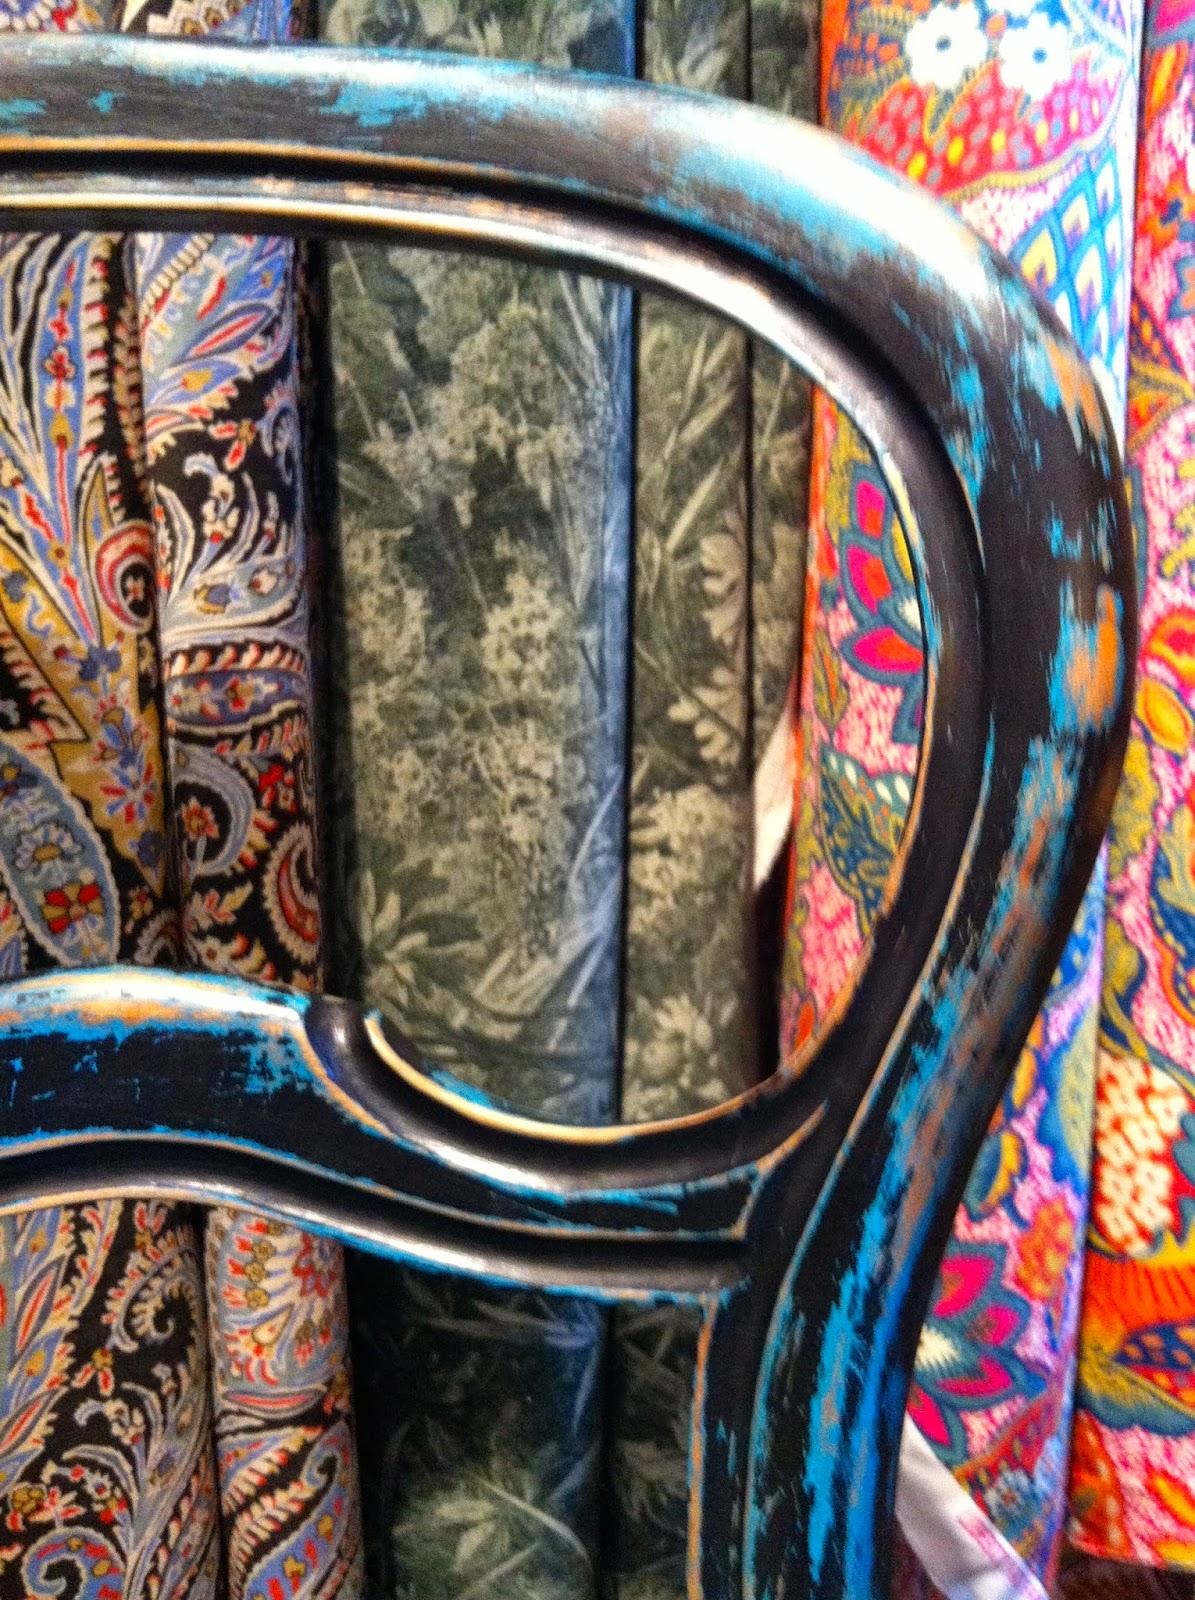 atelier anne lavit artisan tapissier d corateur 69007 lyon chaise louis philippe. Black Bedroom Furniture Sets. Home Design Ideas